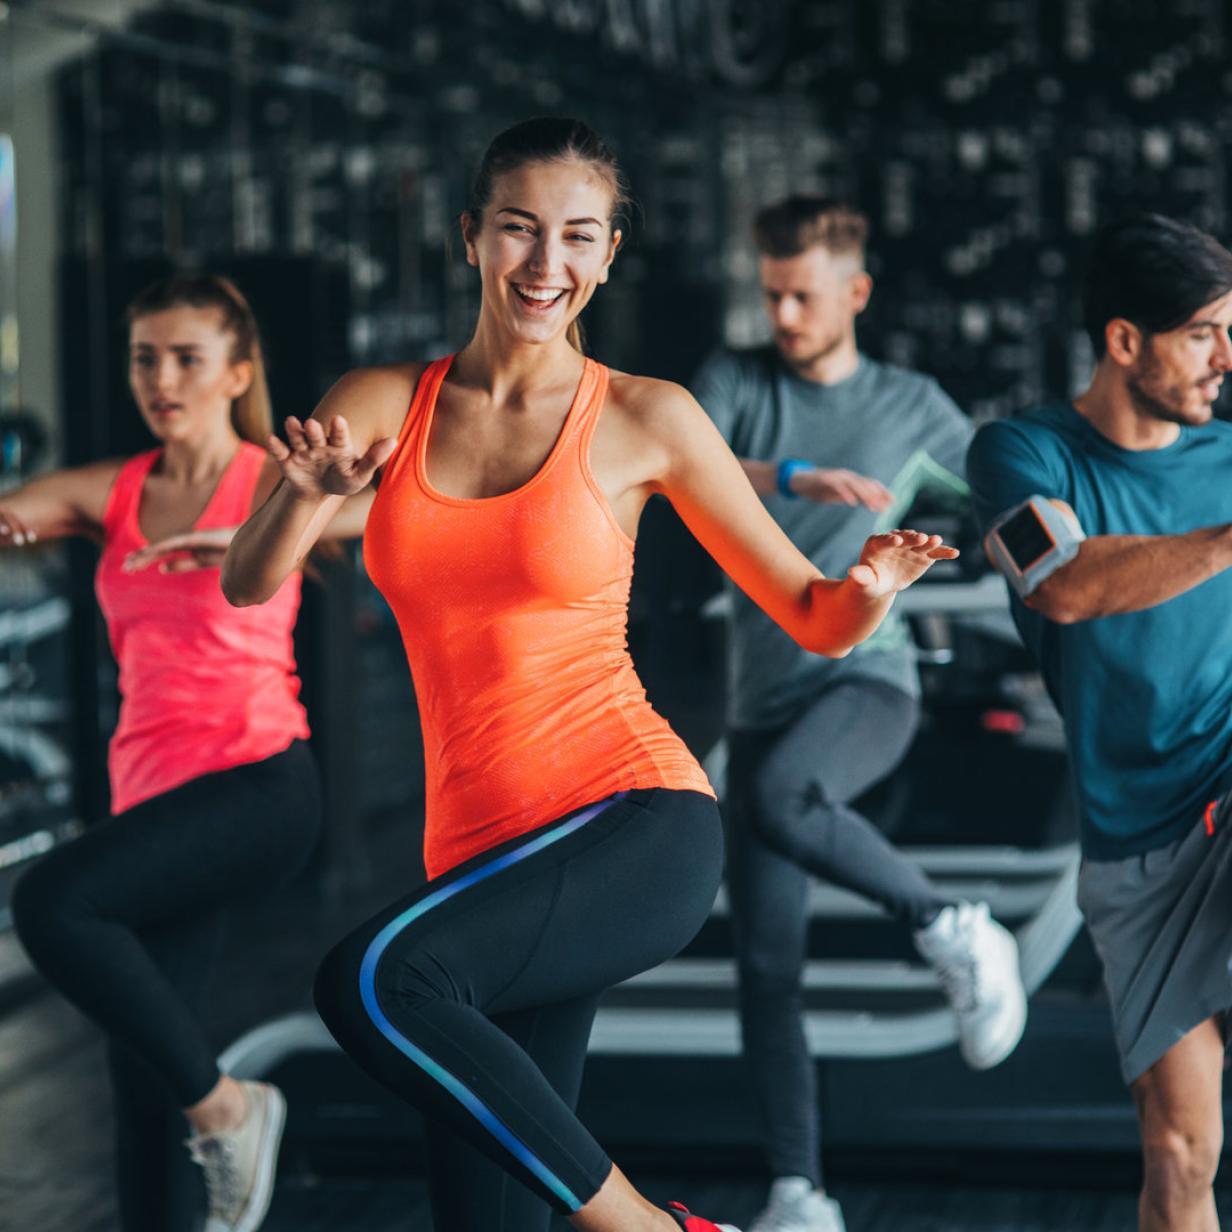 Gin-Yoga bis Floating Fitness: Die Trend-Sportarten für 2020